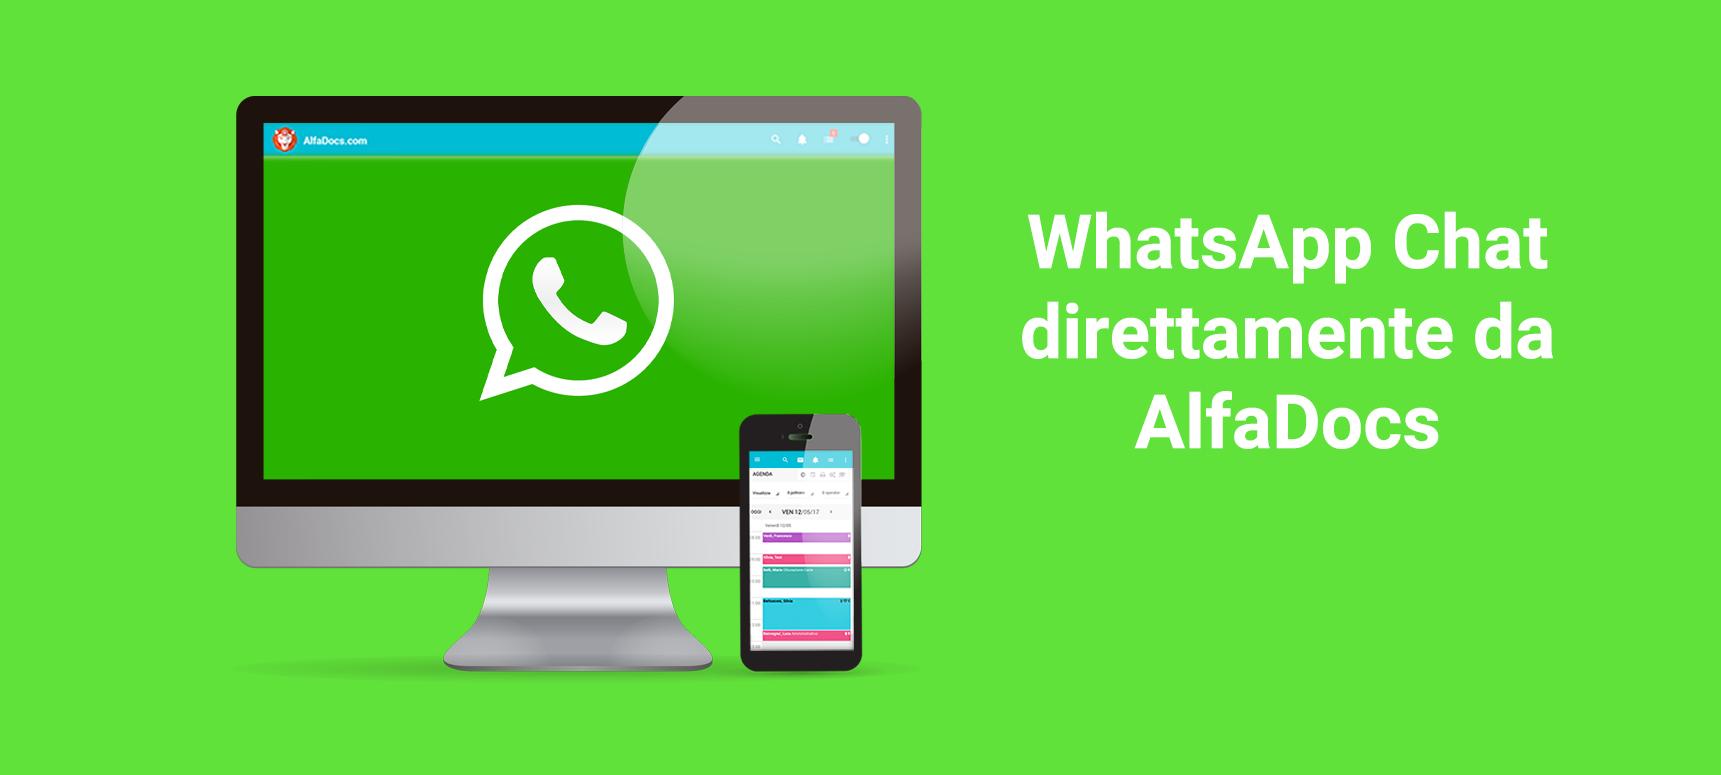 Scopri l'integrazine WhatsApp di AlfaDocs